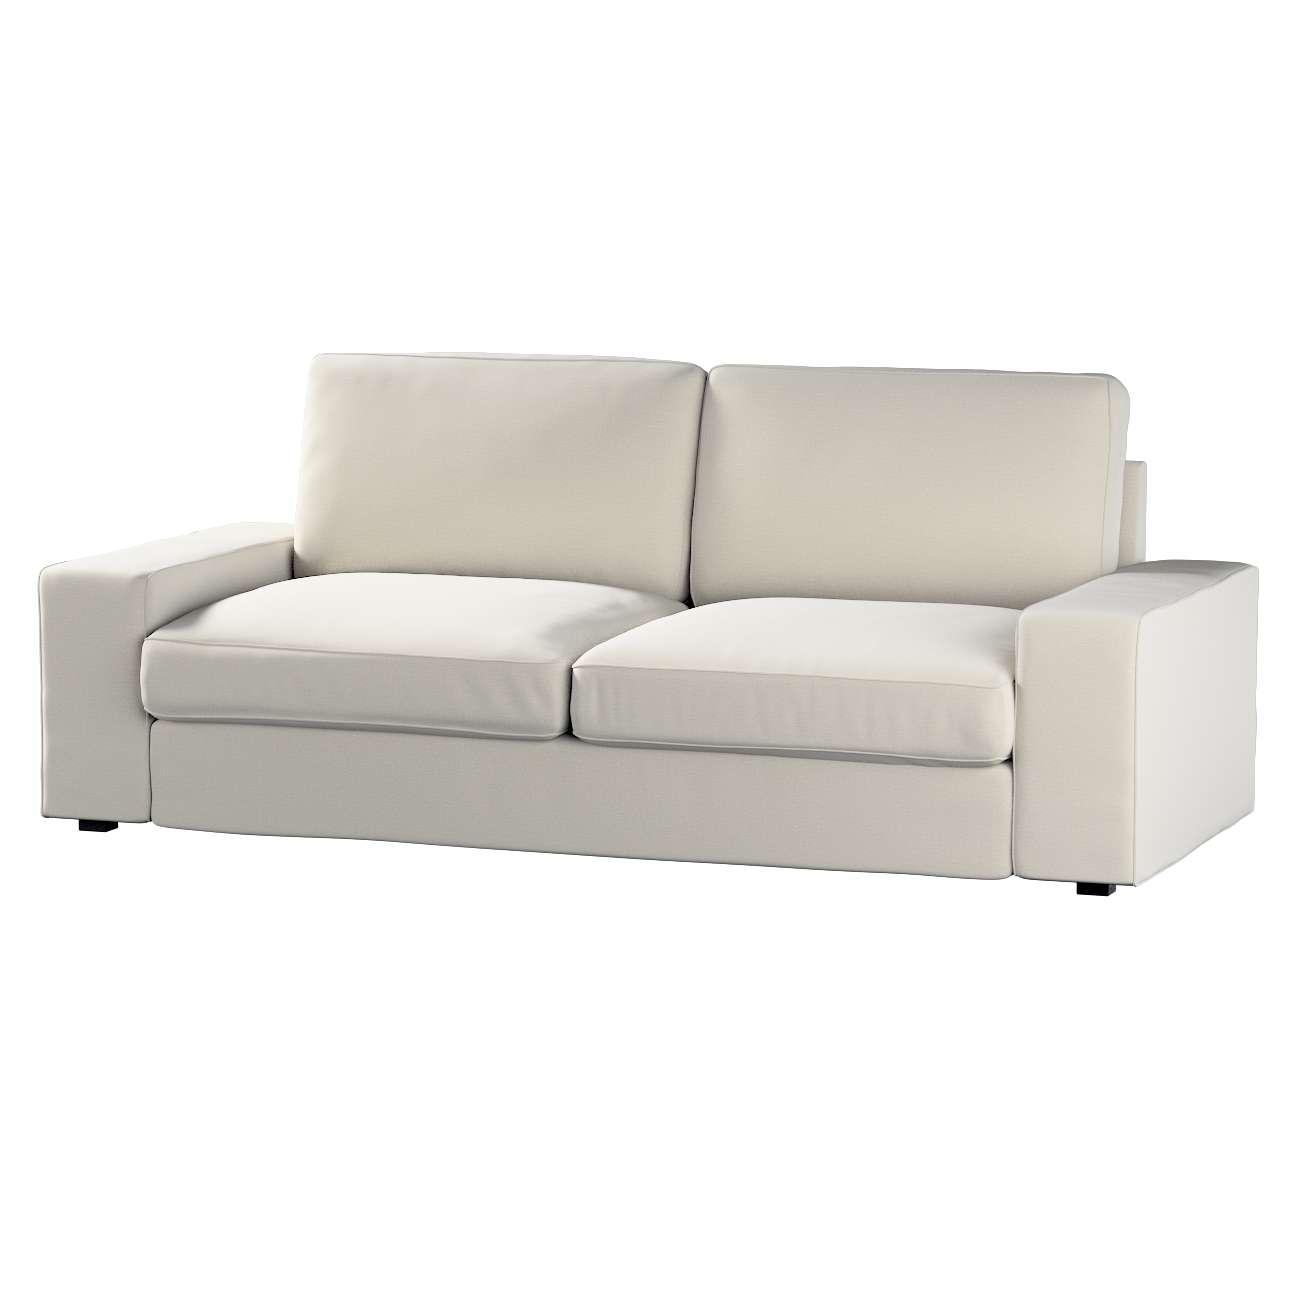 Pokrowiec na sofę Kivik 3-osobową, nierozkładaną w kolekcji Ingrid, tkanina: 705-40